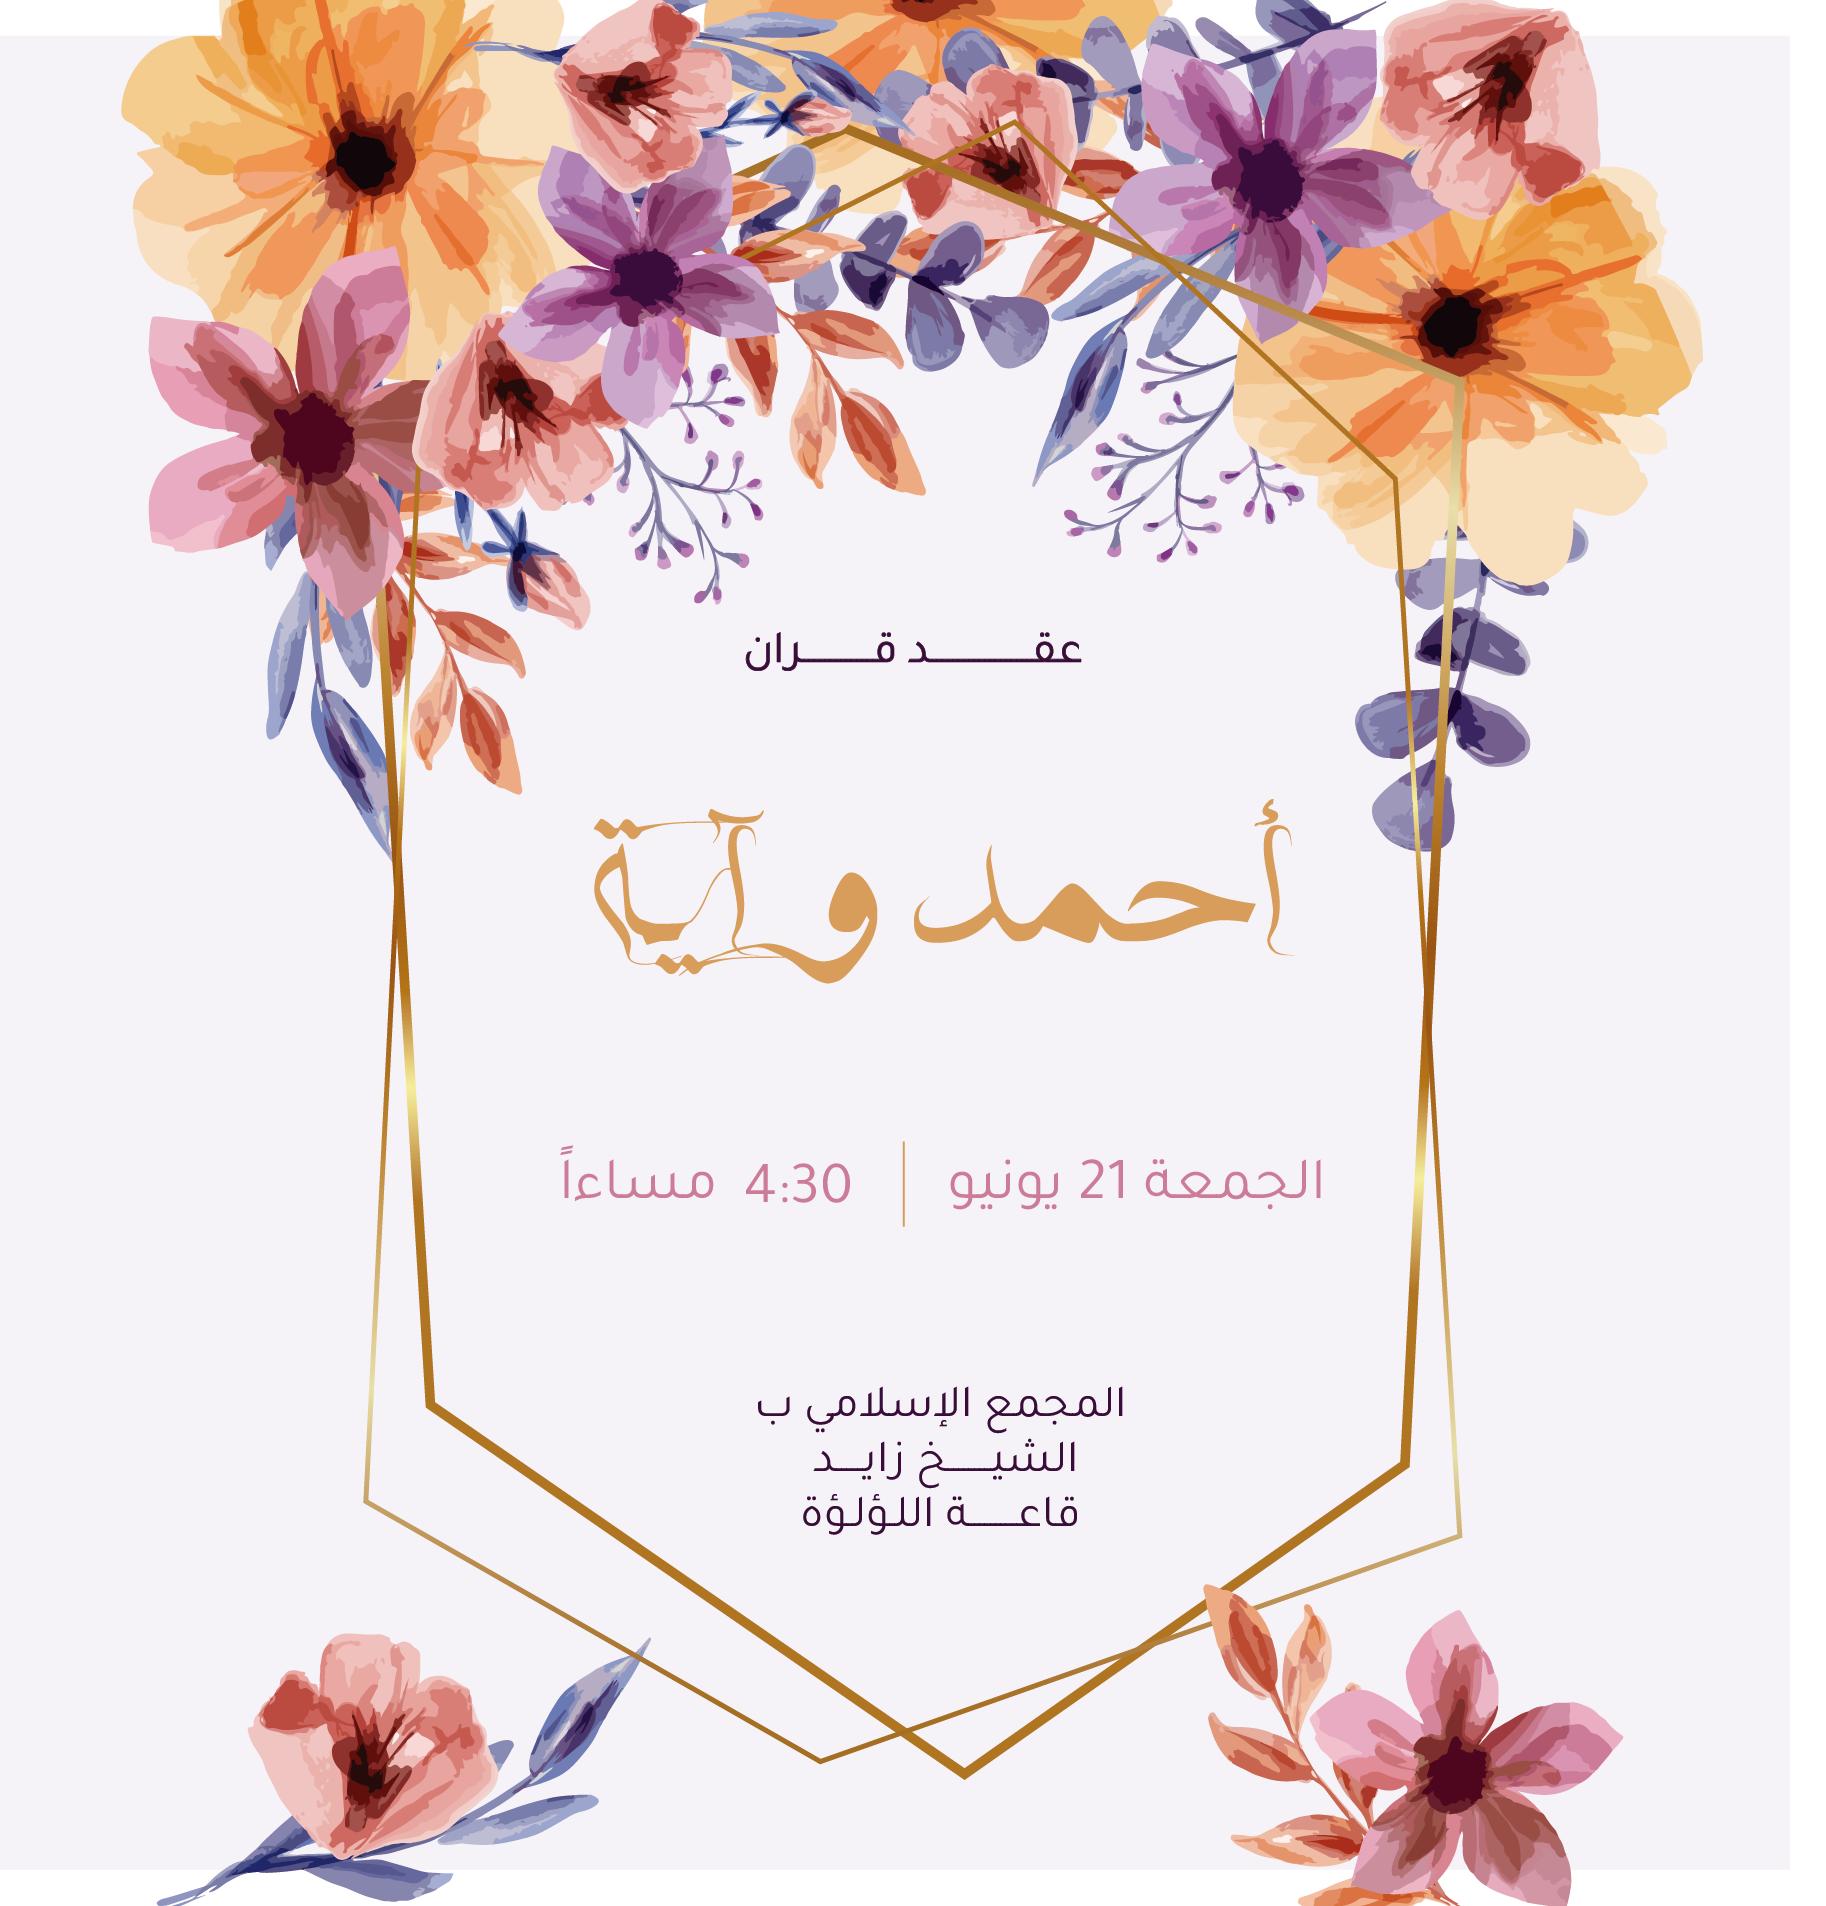 بطاقة دعوة عقد قران فارغة وكيفية تجهيز بطاقة دعوة عقد قران زيادة